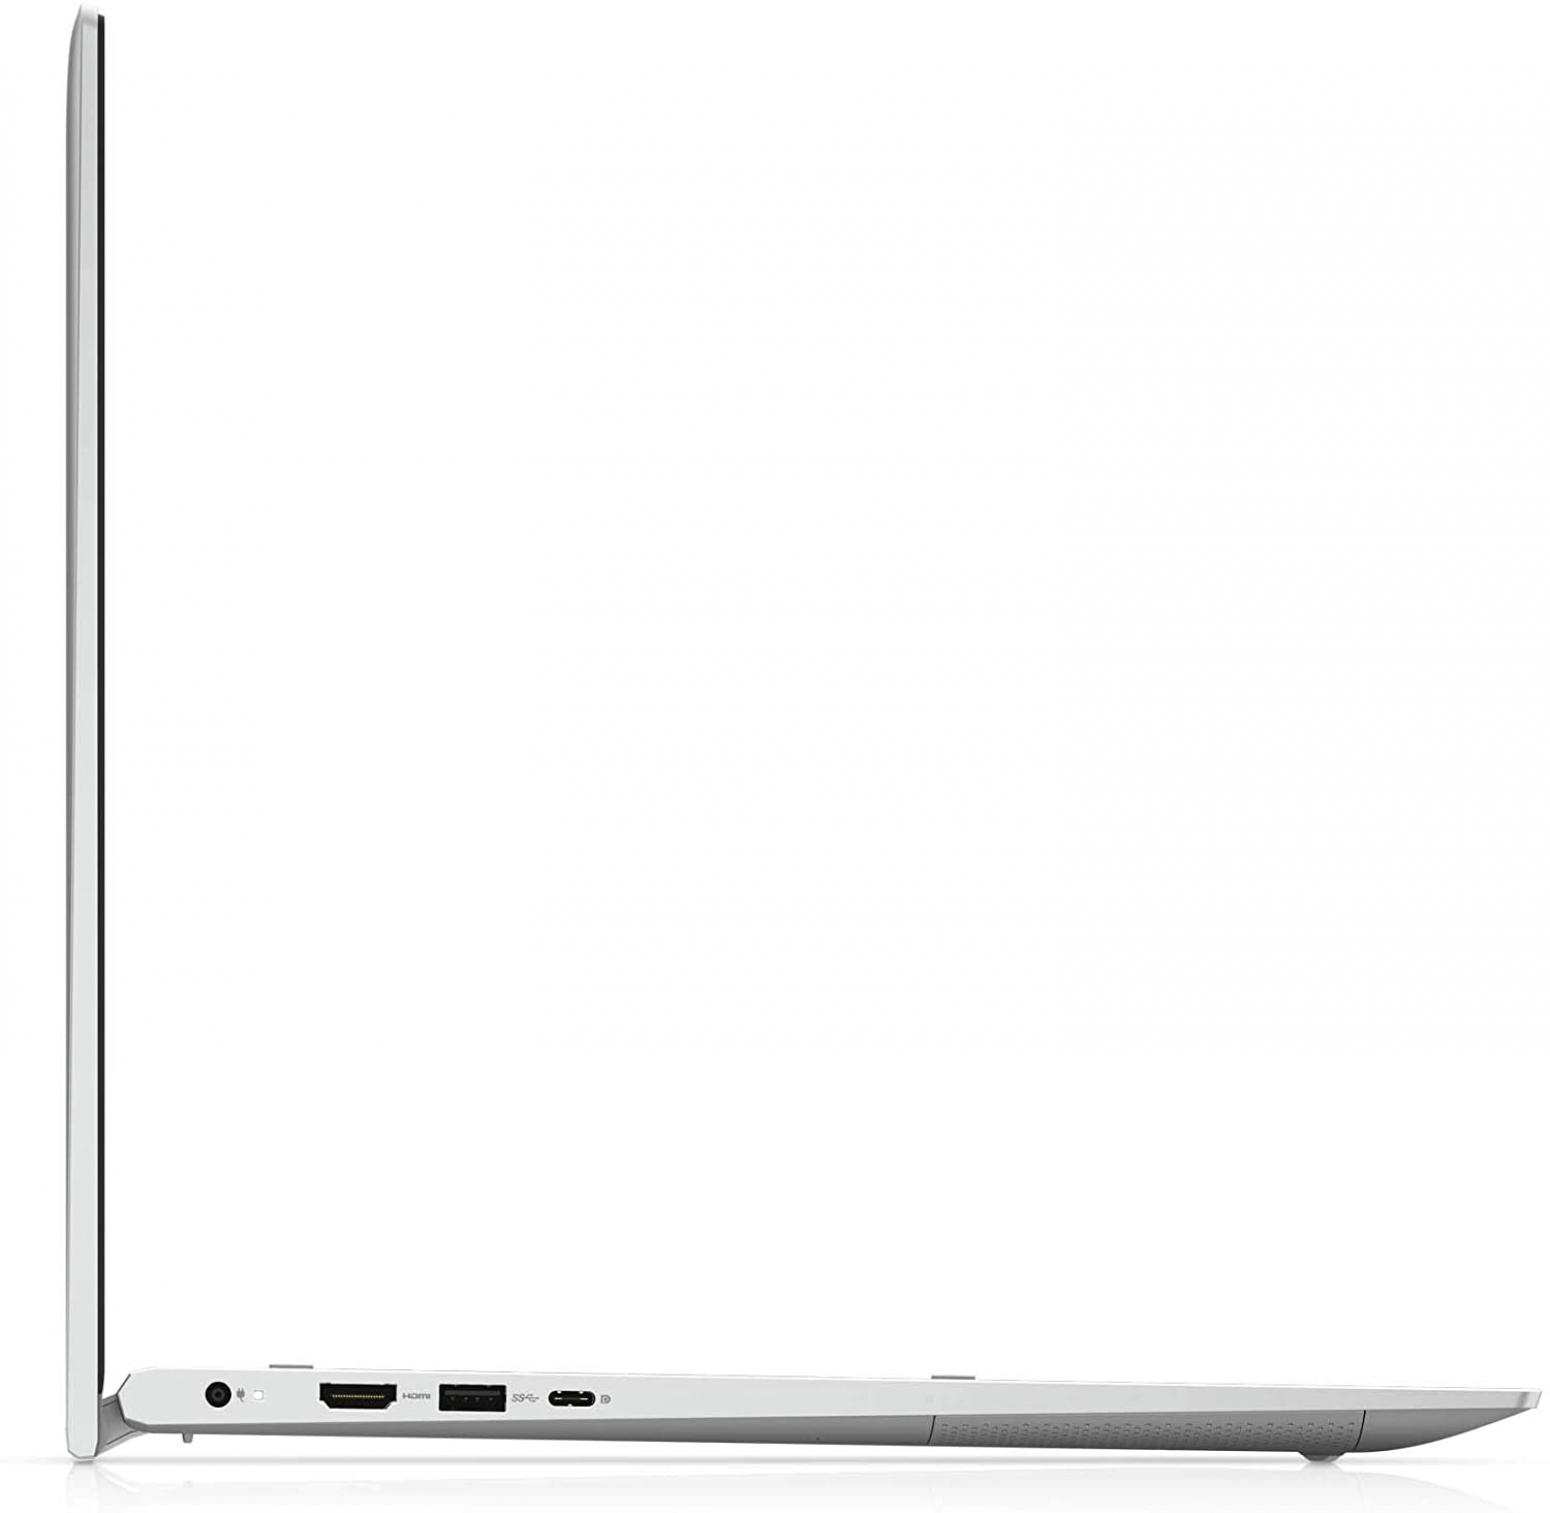 Ordinateur portable Dell Inspiron 17 7706-812 2-en-1 Gris - i5 Iris Xe, SSD 512 Go - photo 8